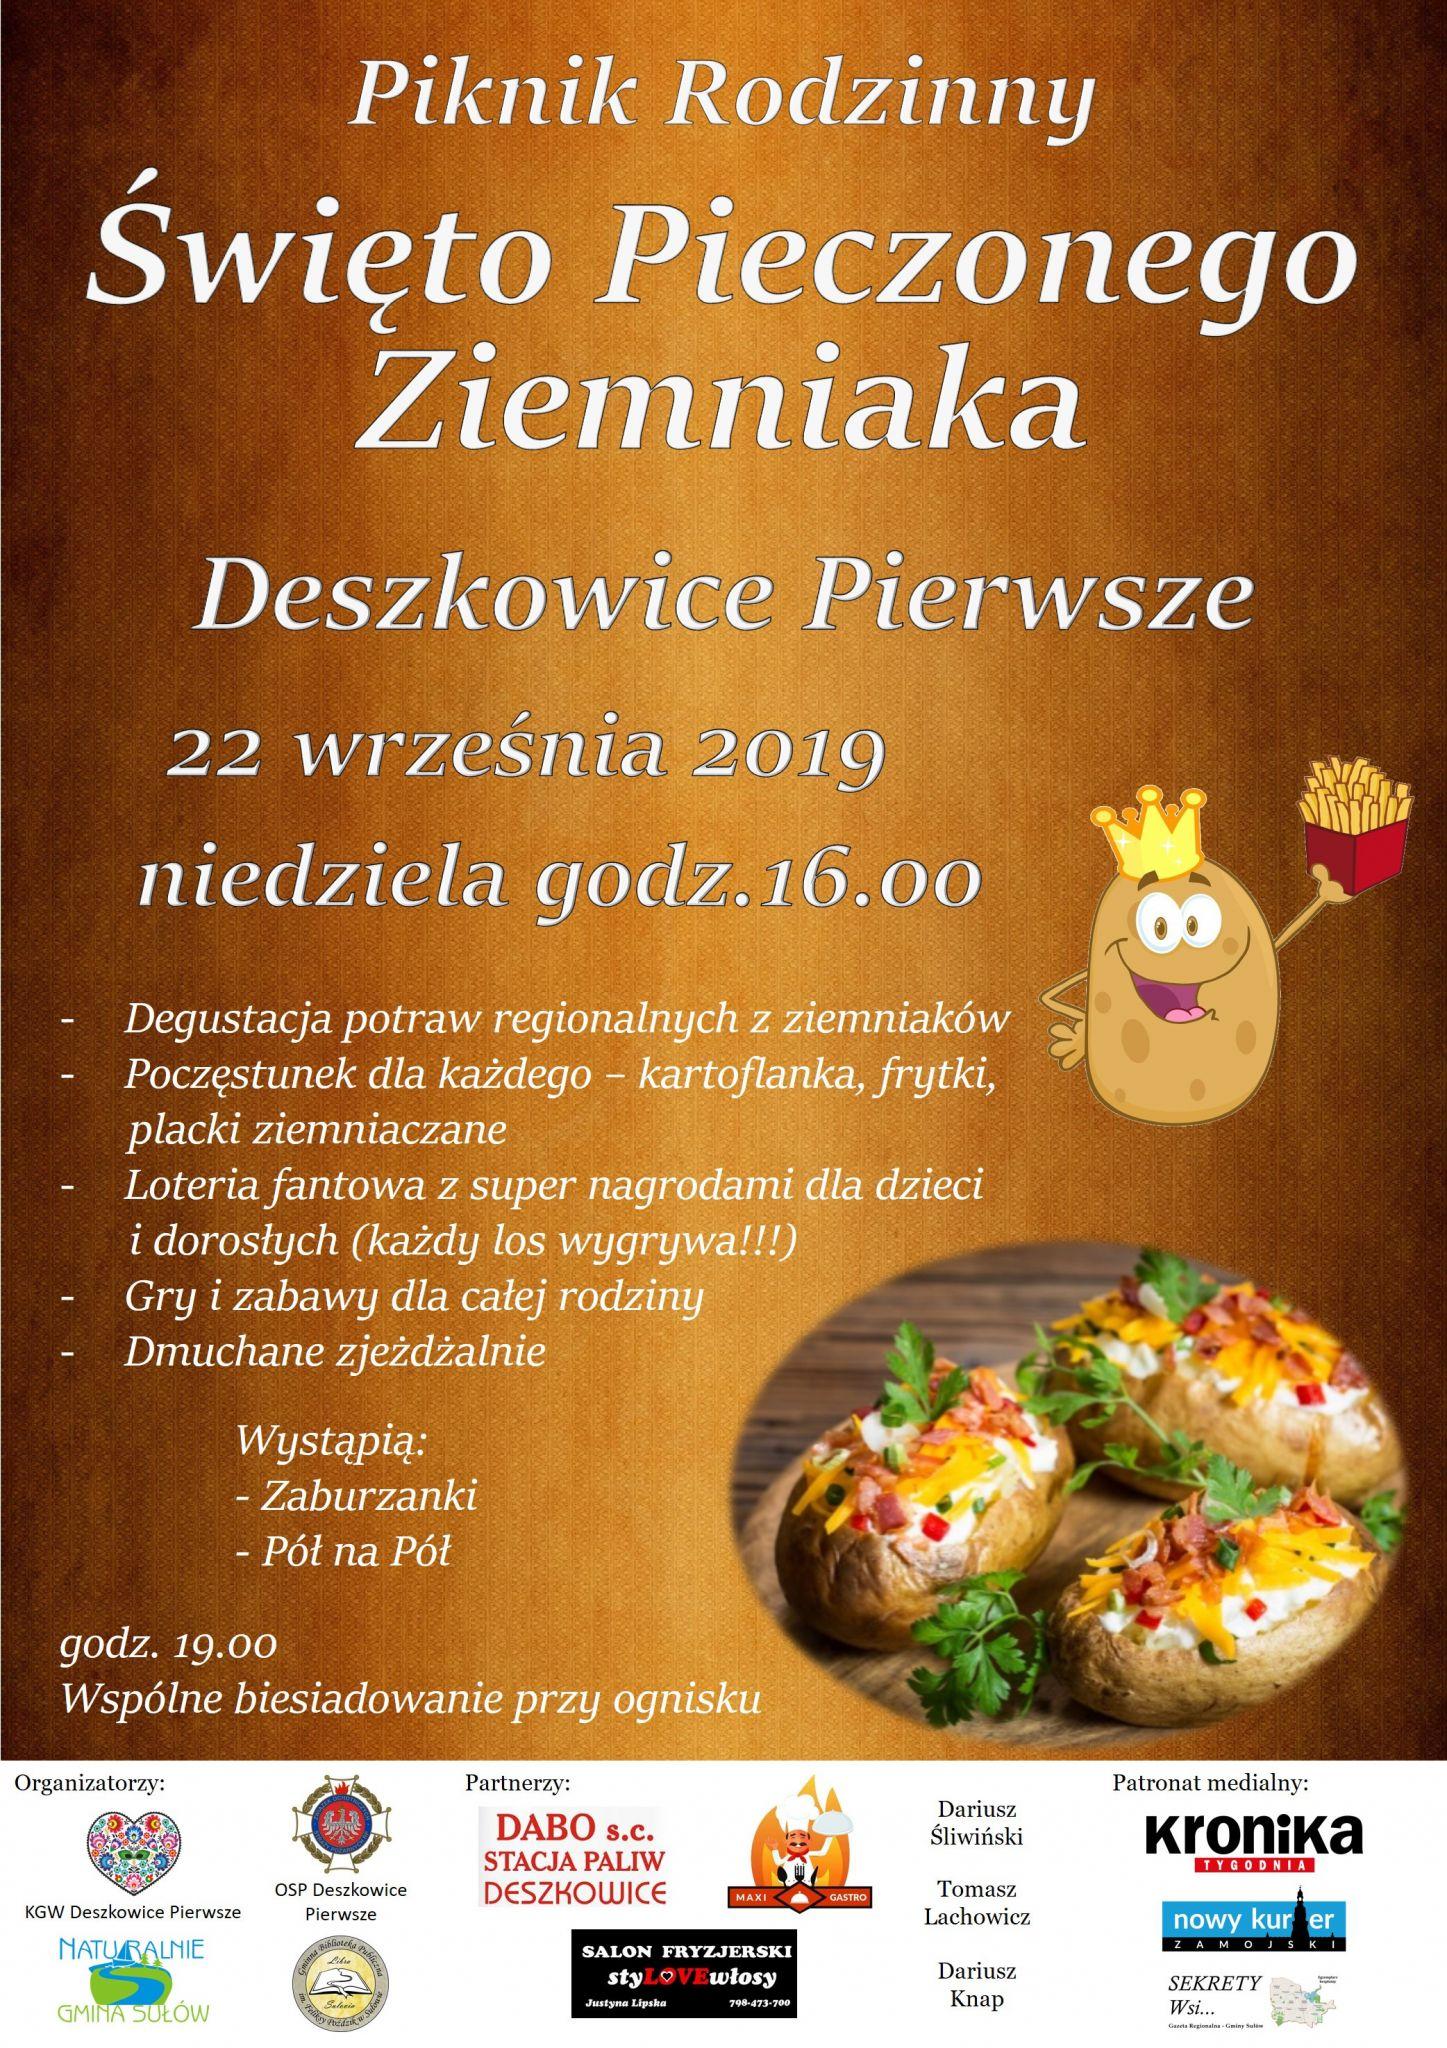 swieto pieczonego ziemniaka Święto Pieczonego Ziemniaka w Gminie Sułów.